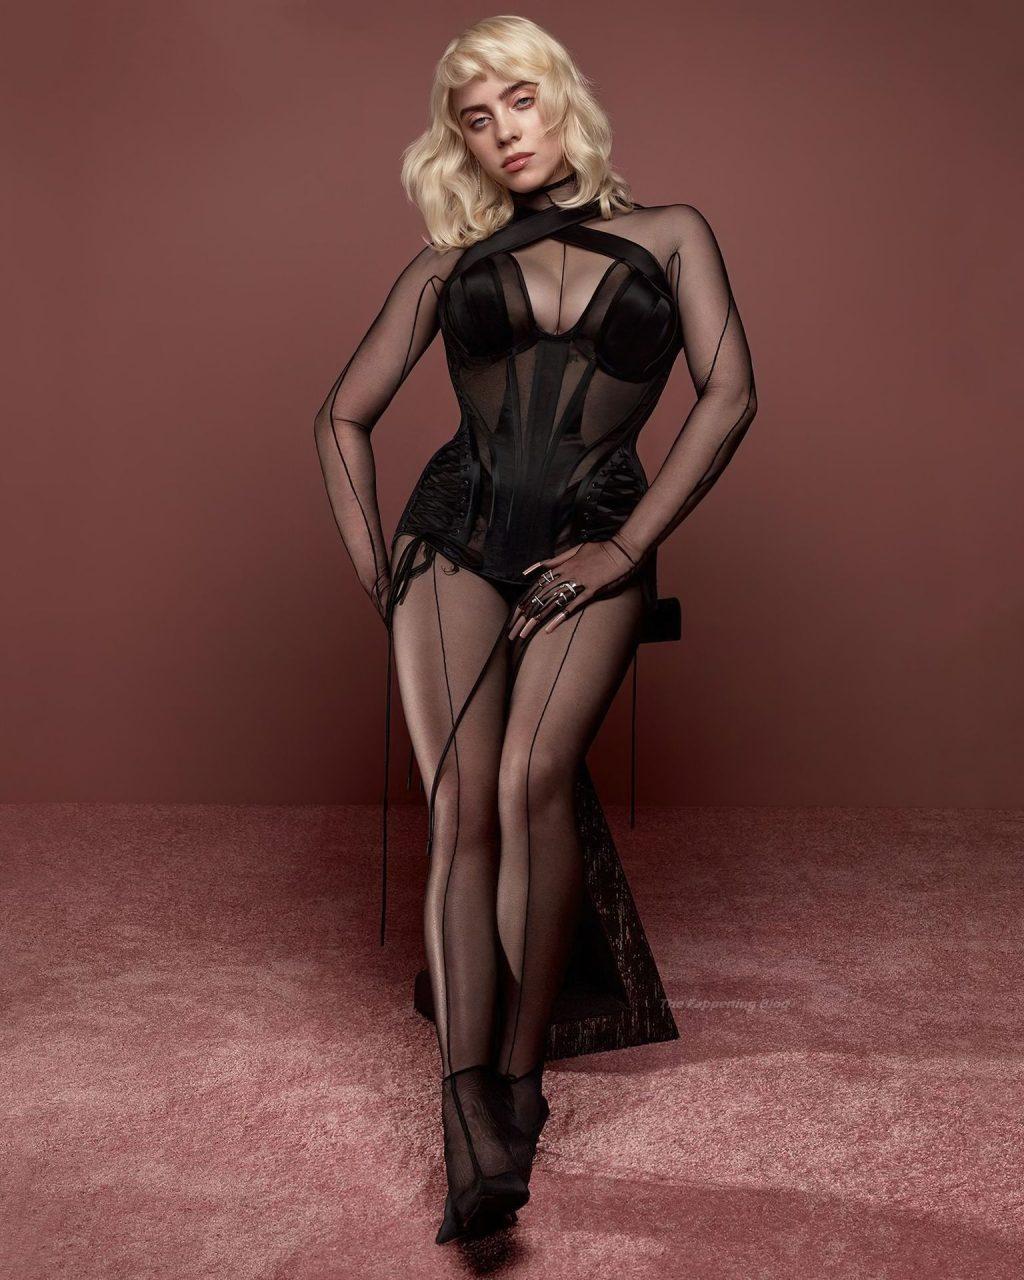 Billie Eilish Sexy – Vogue UK (4 Photos)